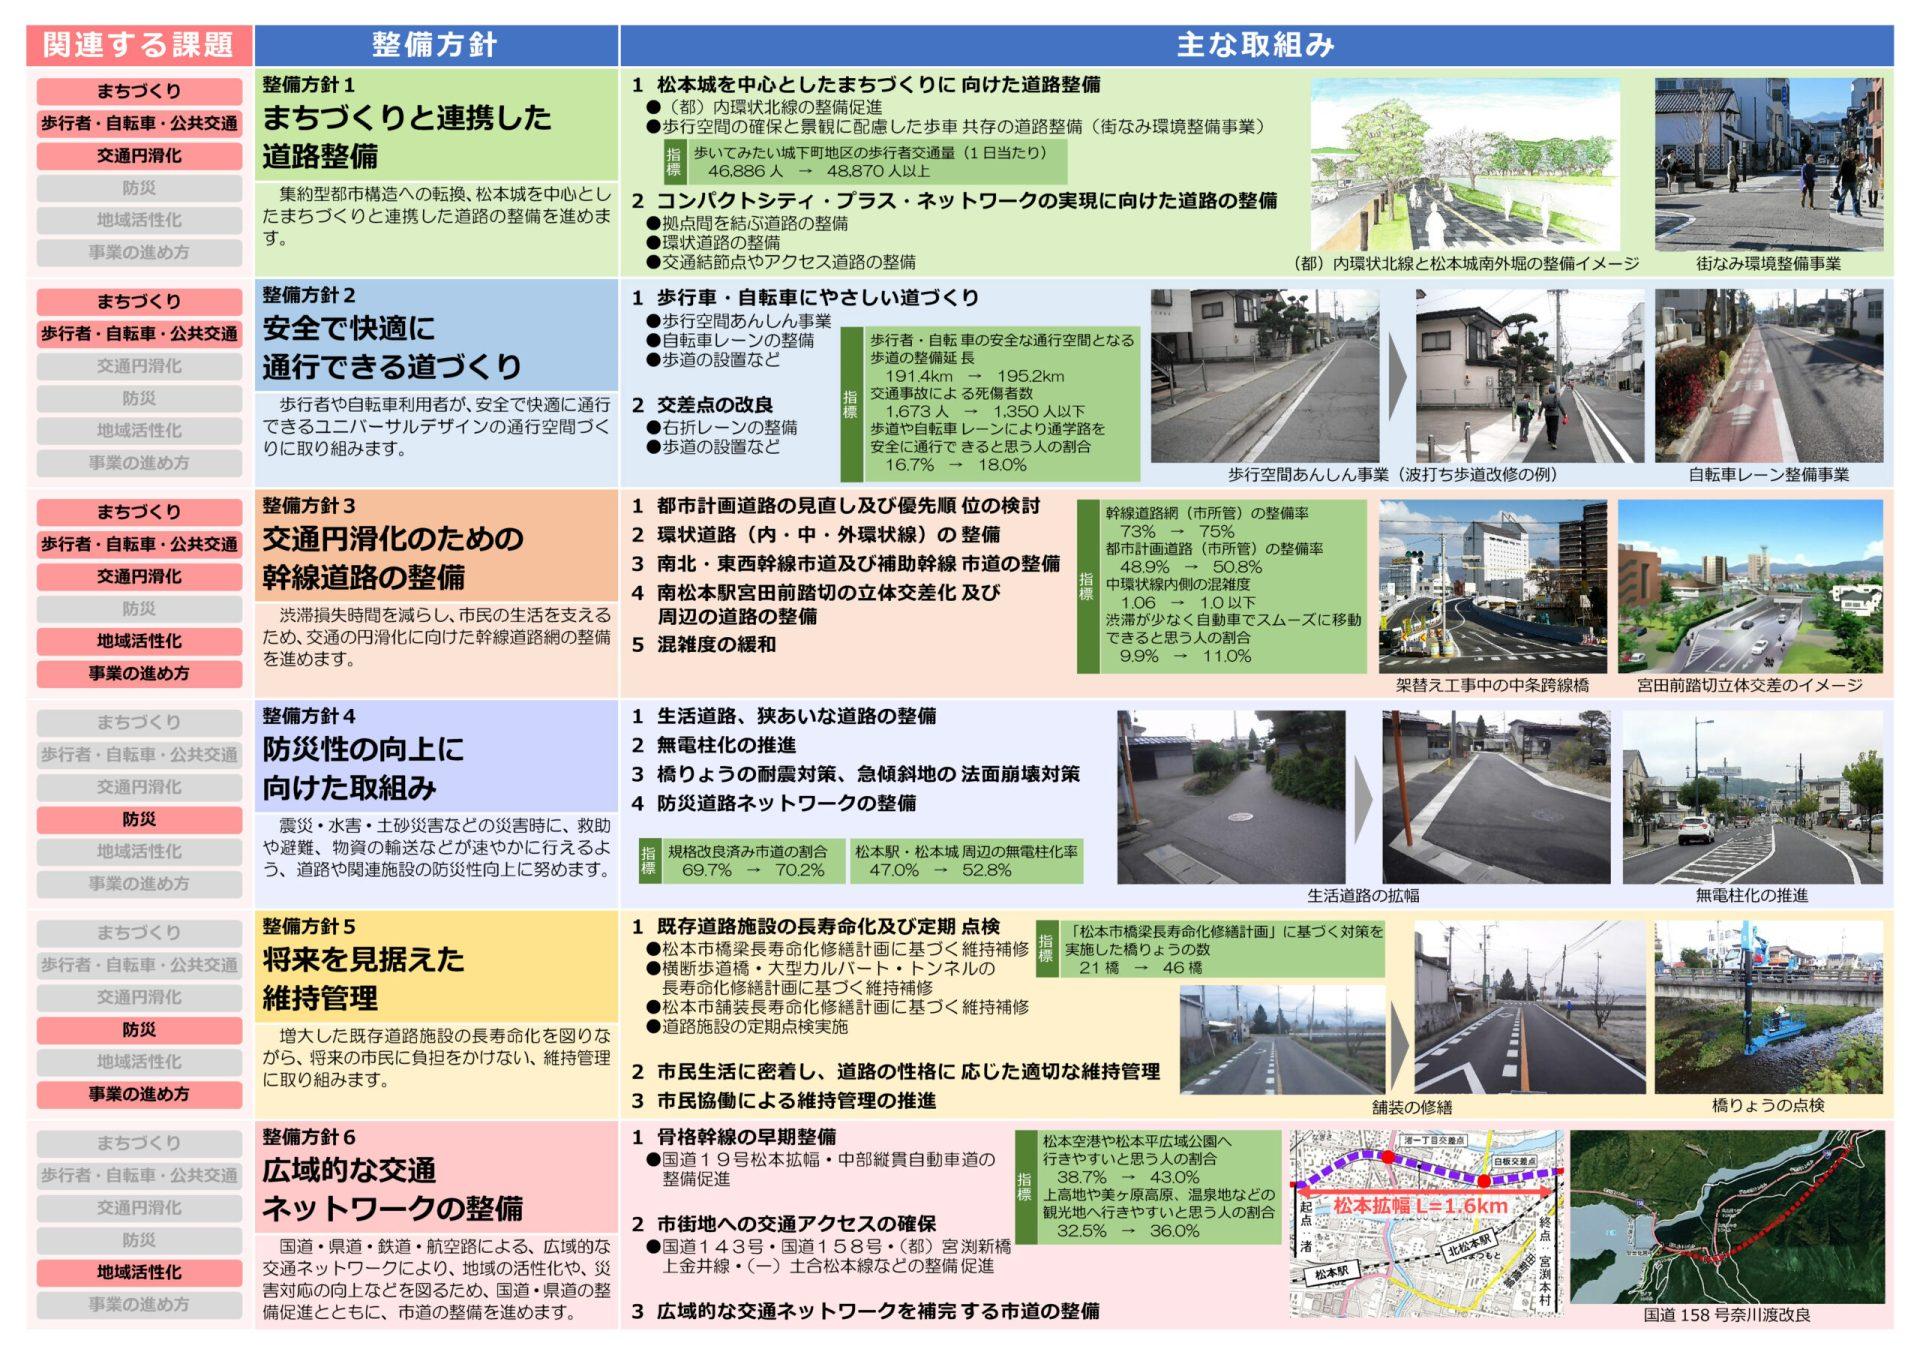 松本市 第6次道路整備五箇年計画